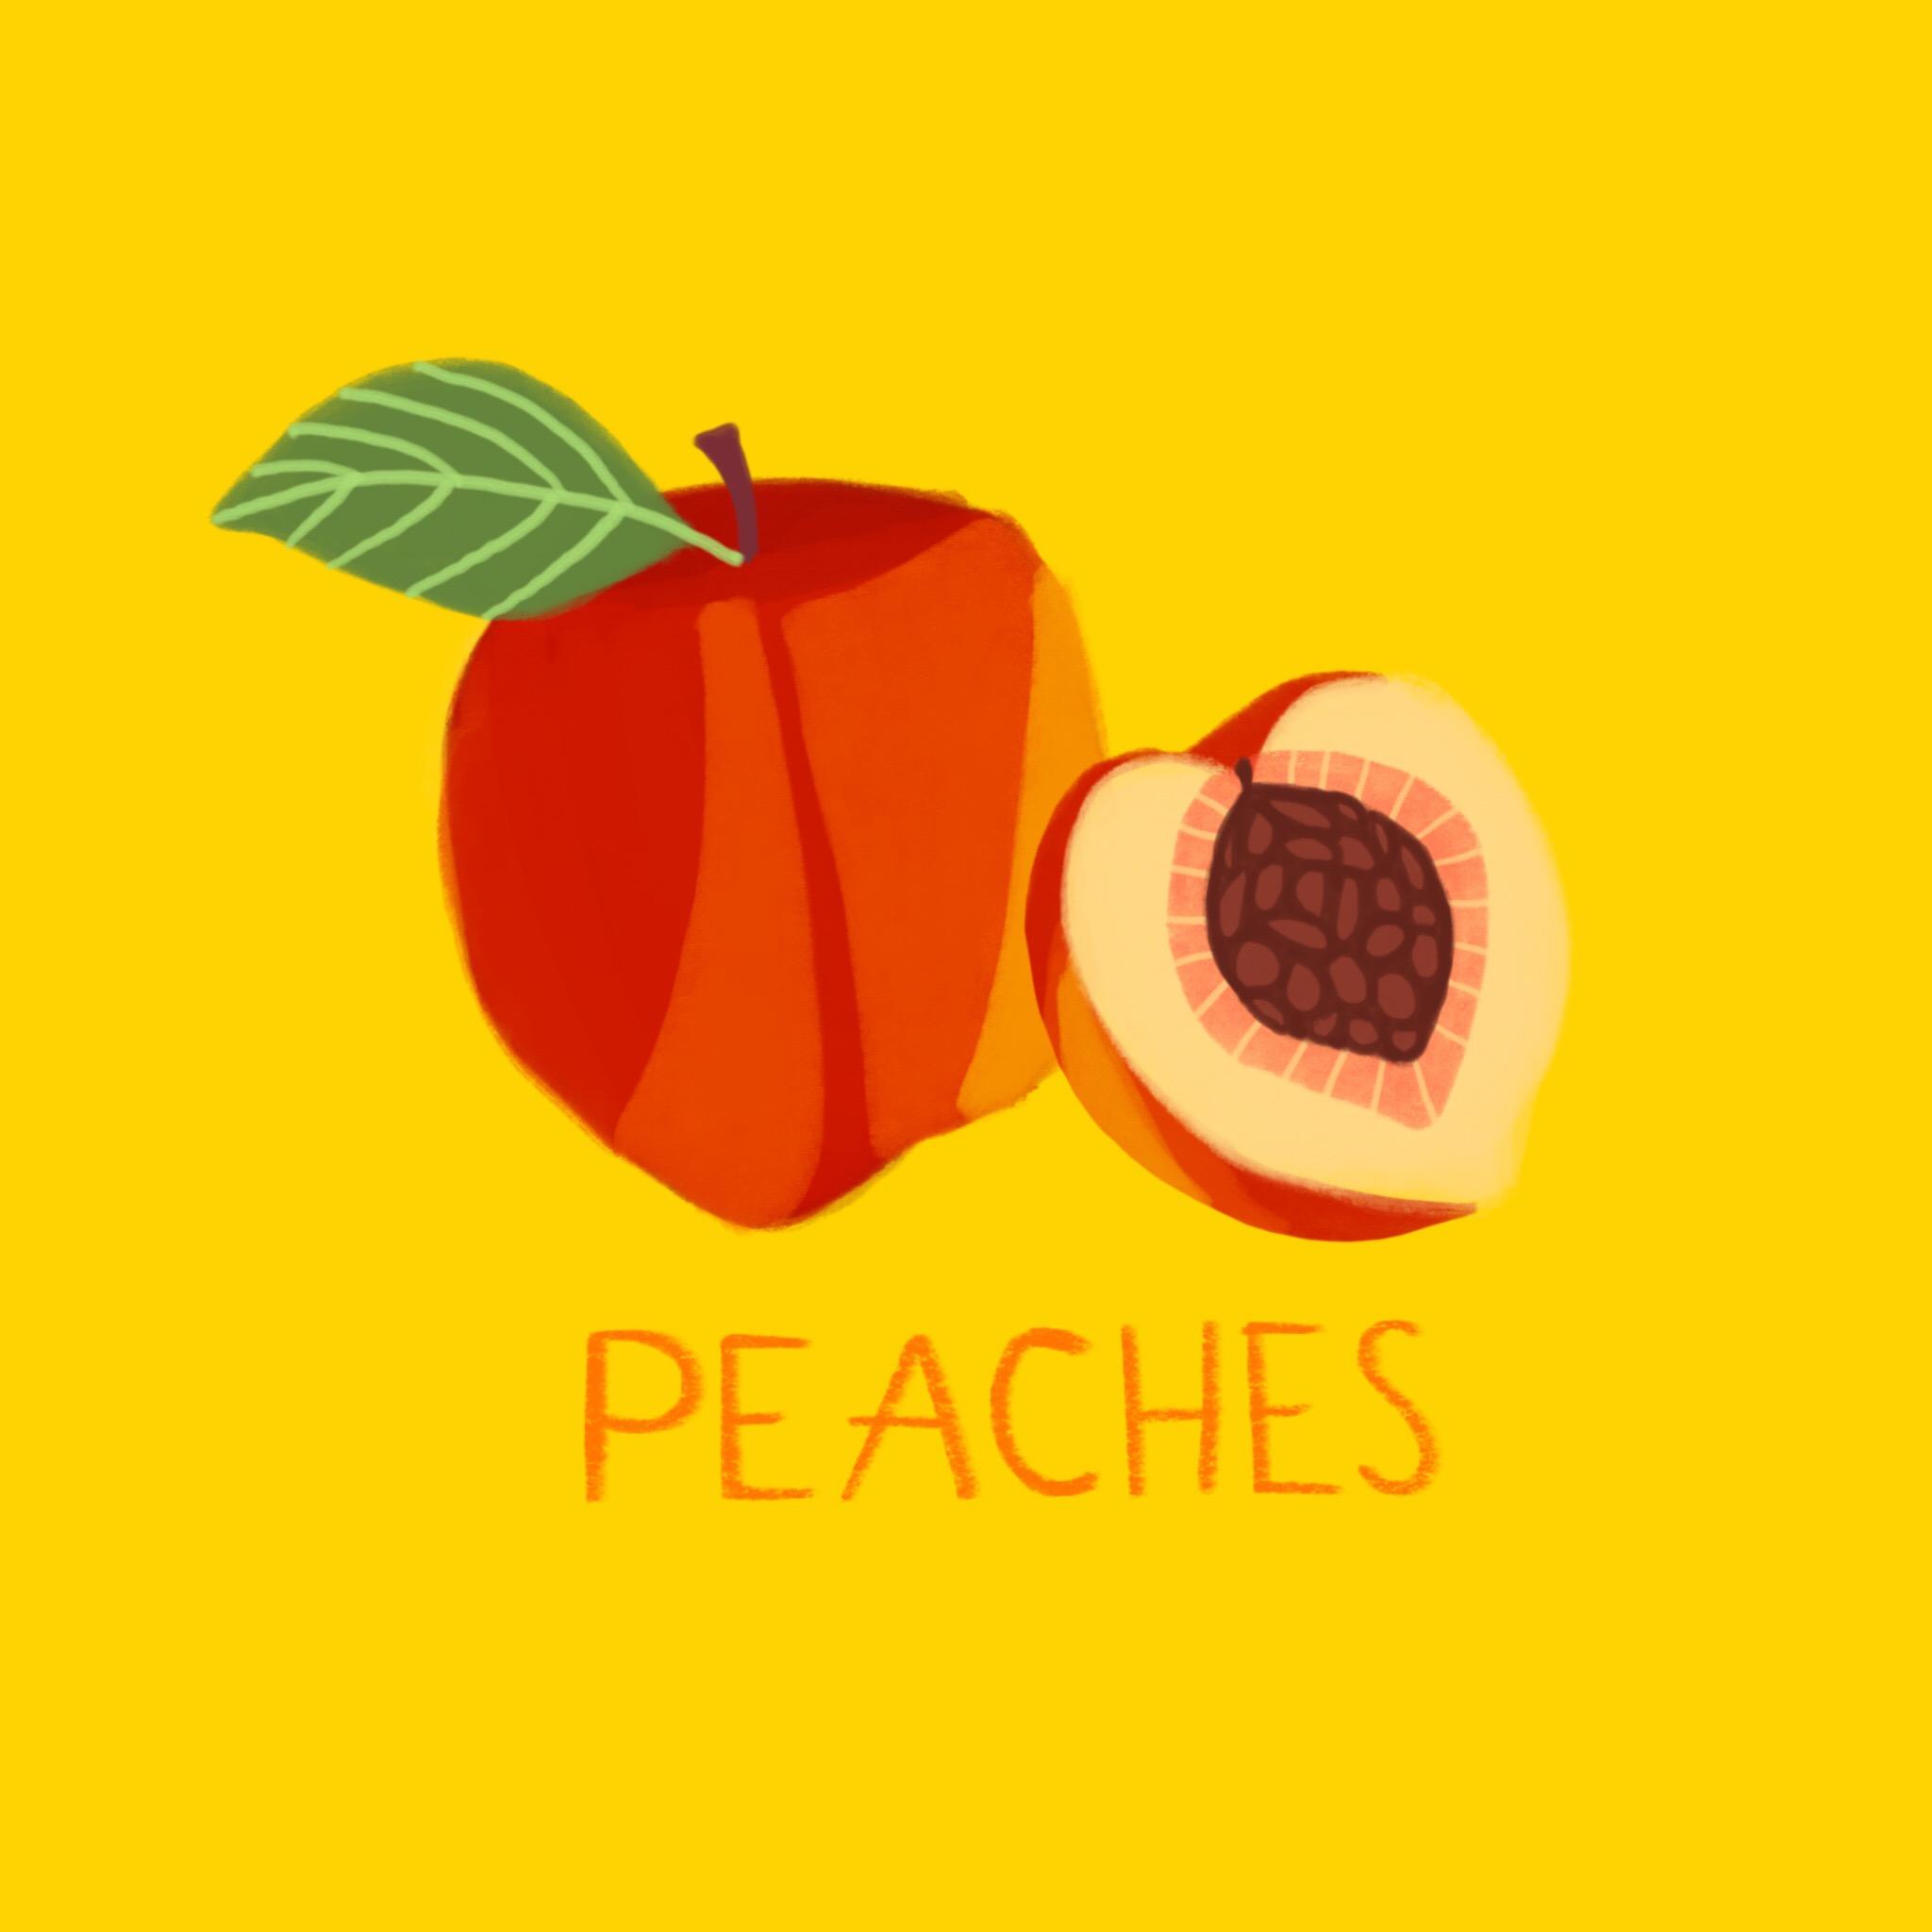 65_-_Peaches.jpg